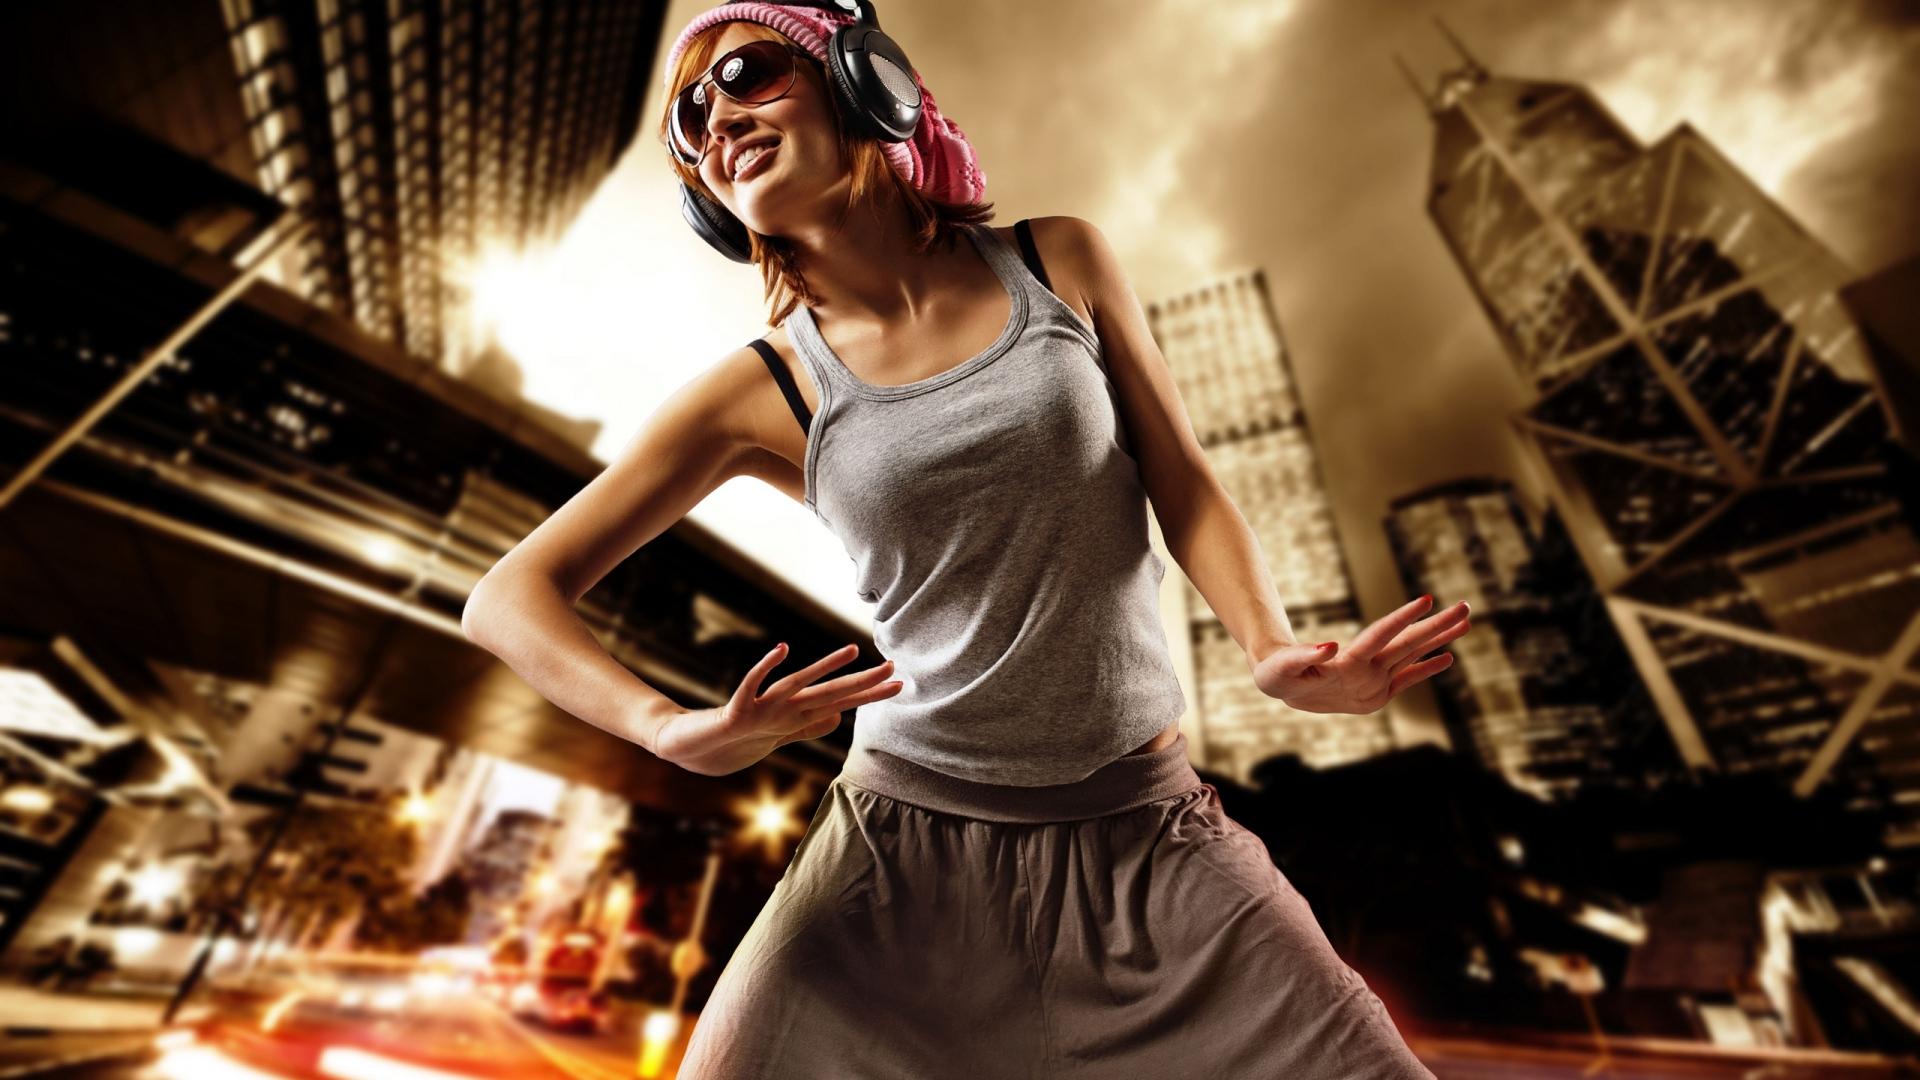 download wallpaper 1920x1080 girl, dance, headphones, clothing